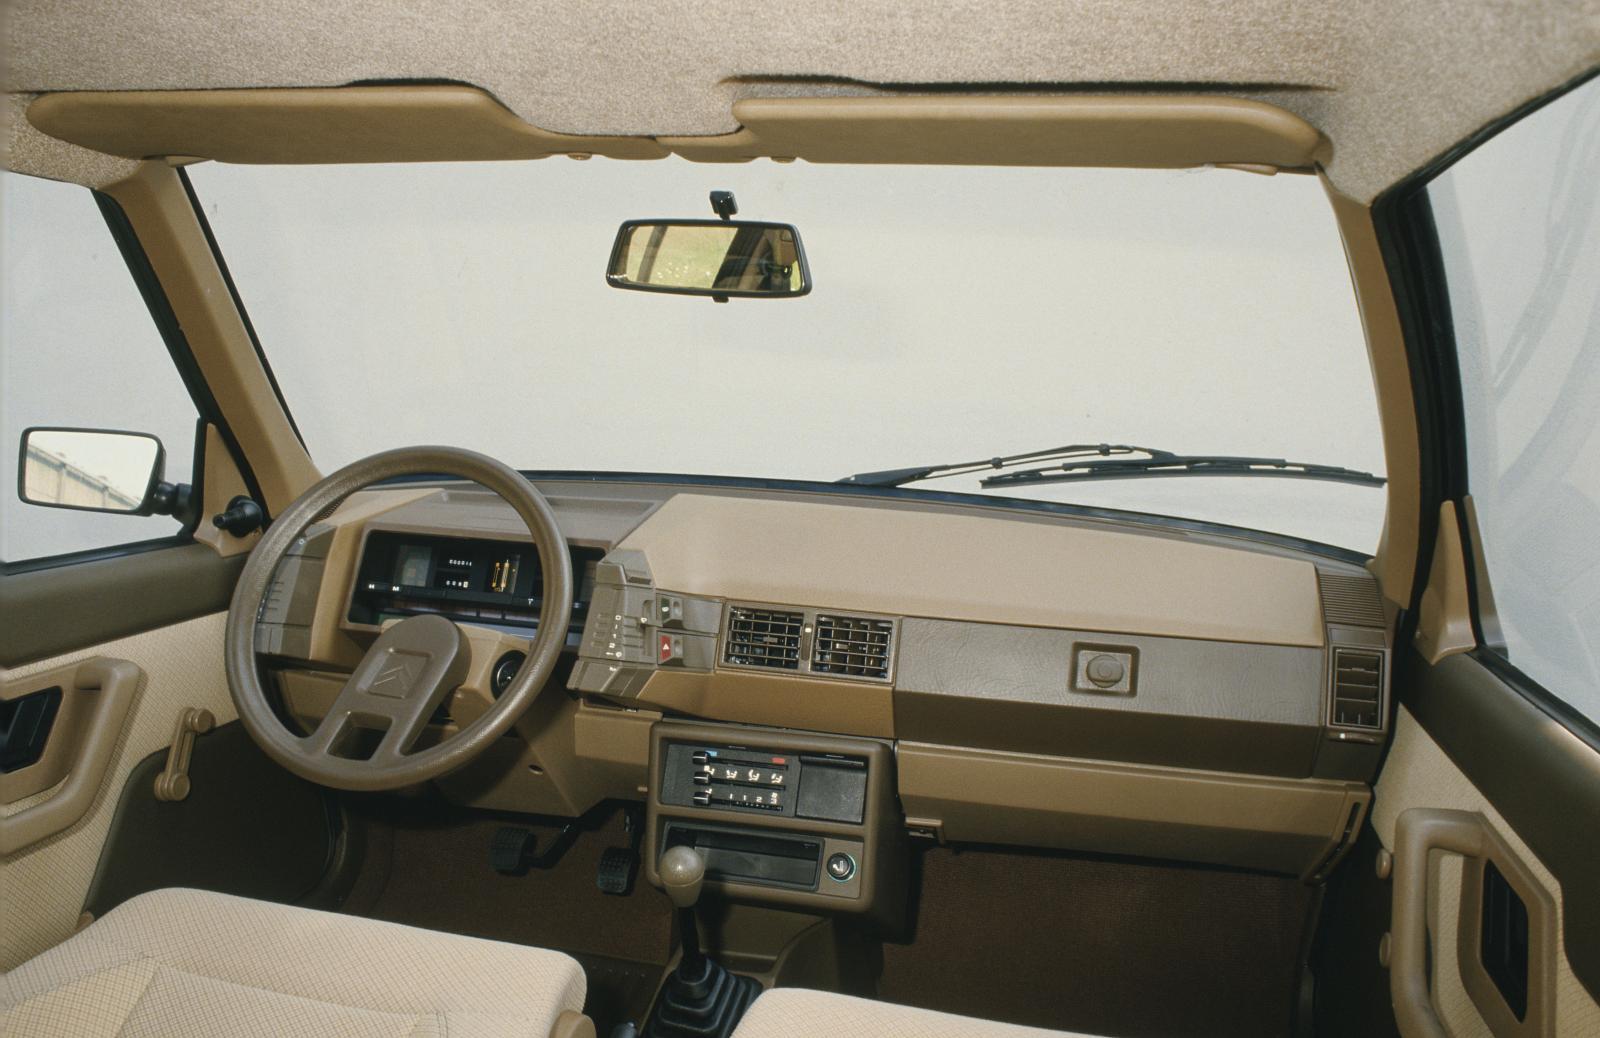 BX série 1 1982-1986 planche de bord